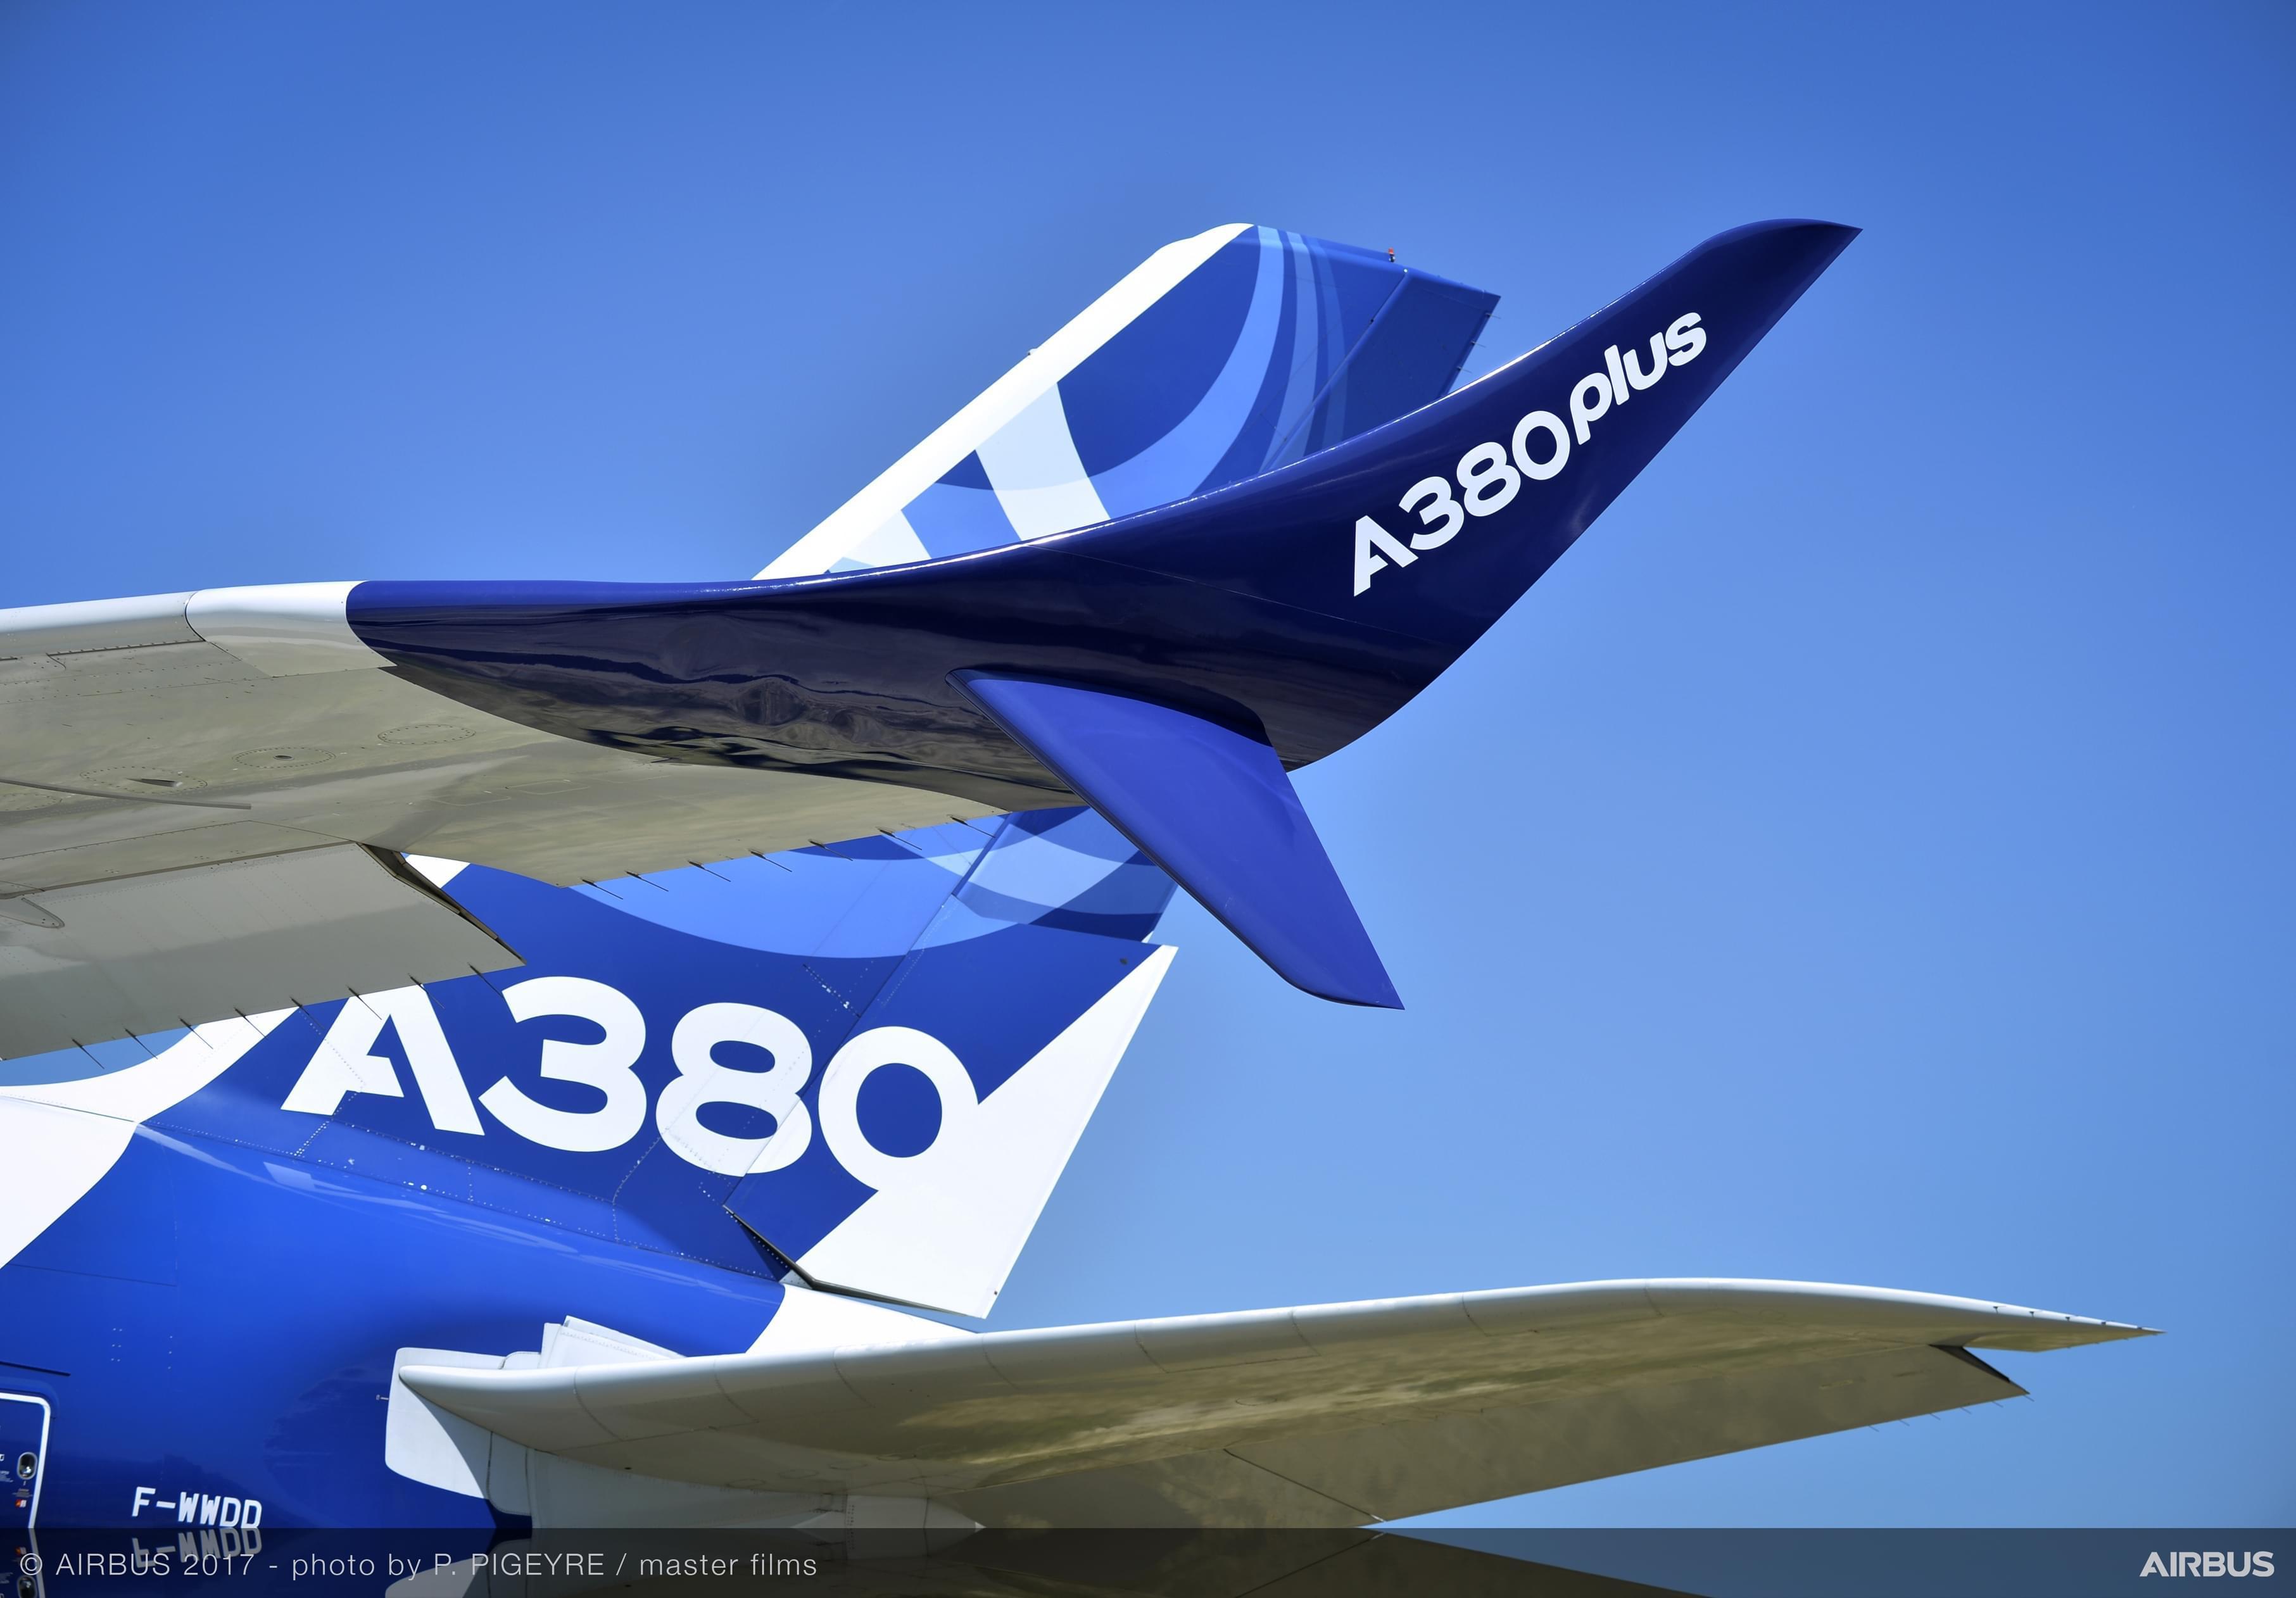 空客推出PLUS版A380 翼尖小翼为最大改变